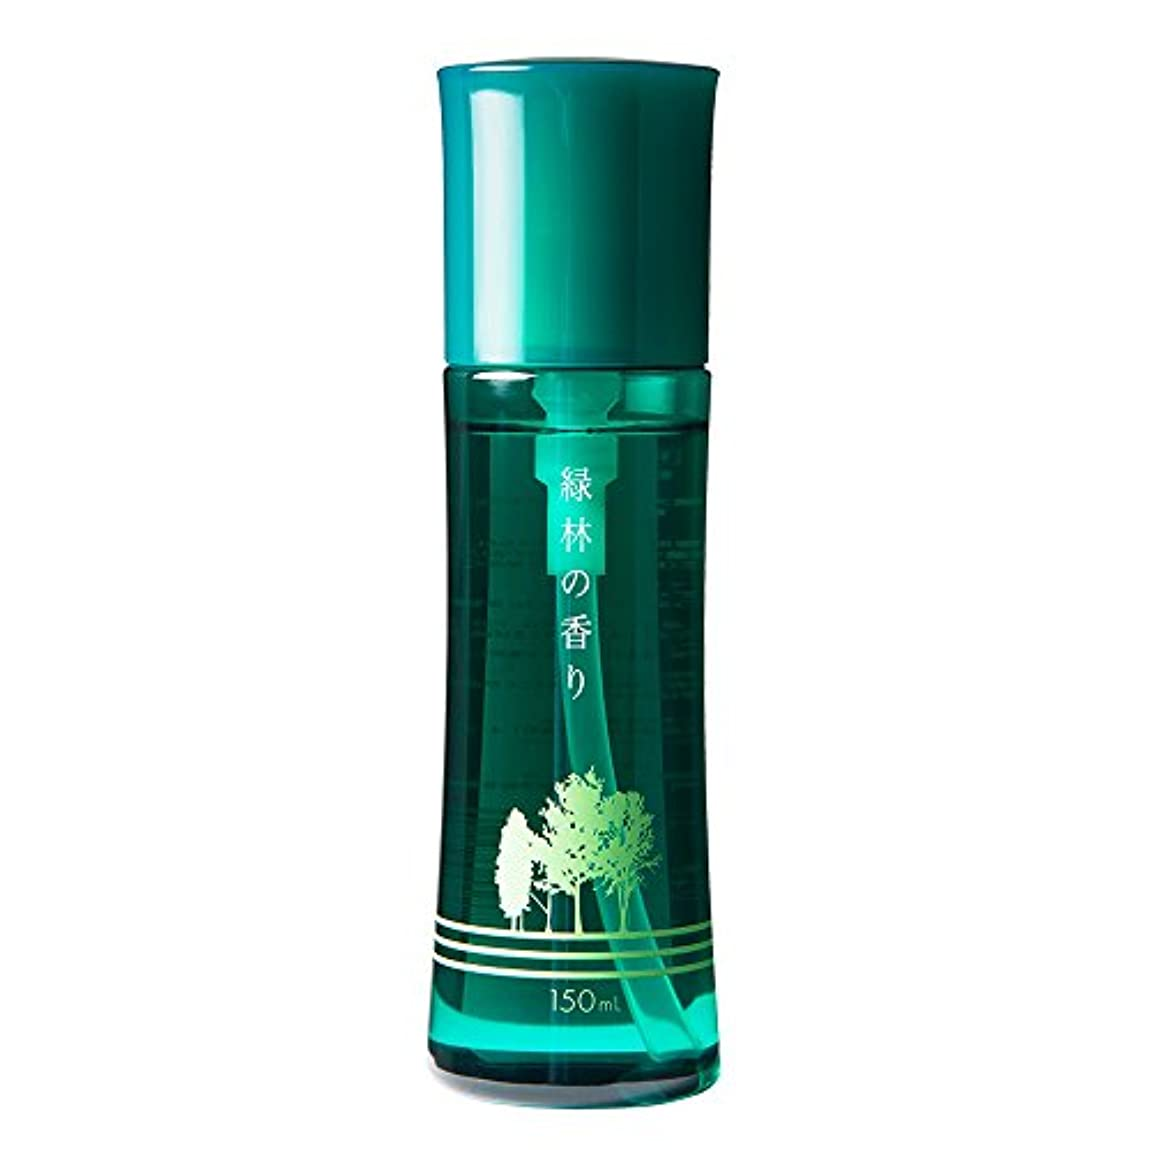 効果苦情文句ショッキング芳香剤「緑林の香り(みどりの香り)」150mL 日本予防医薬